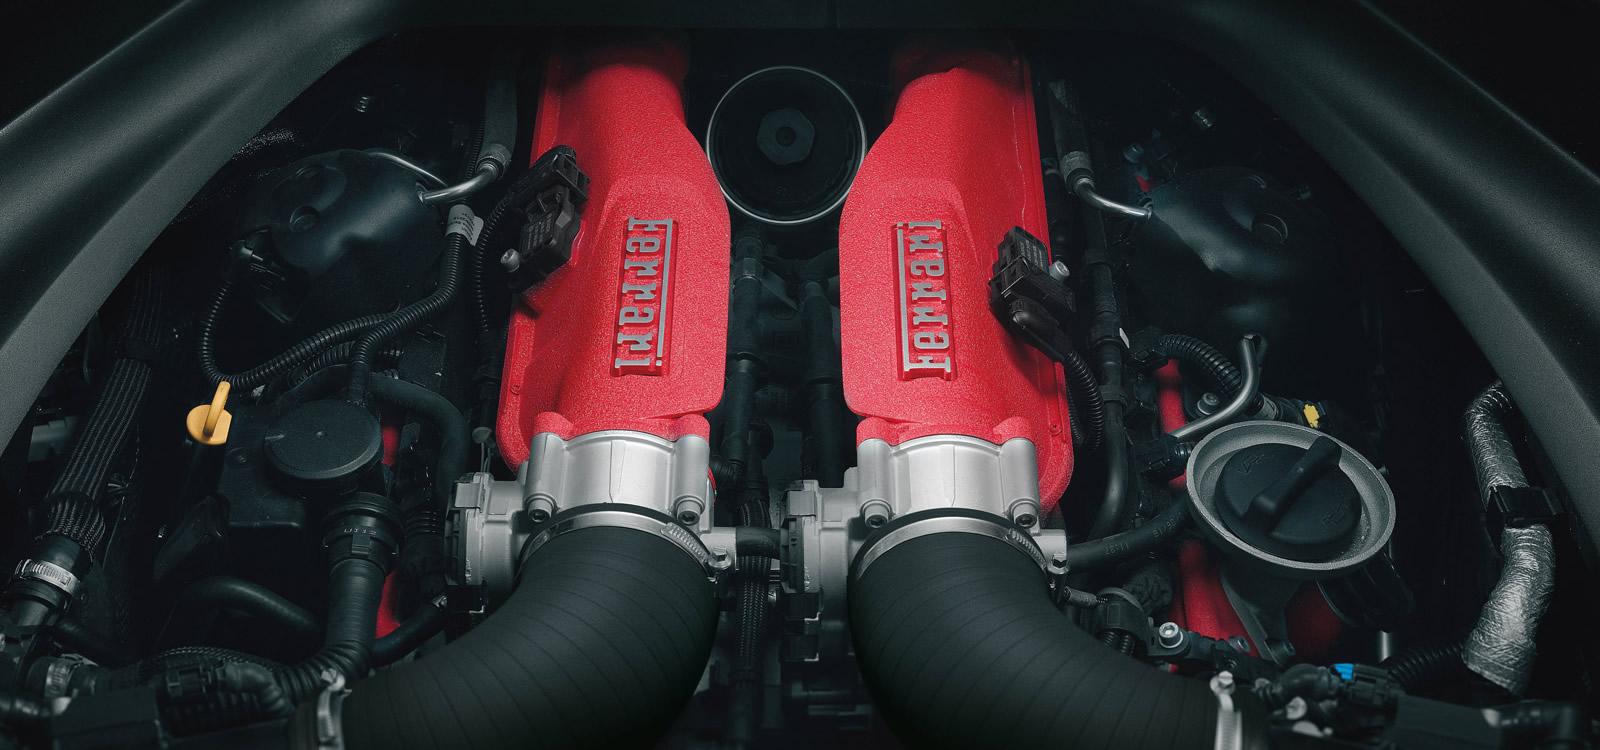 Süperşarj nedir? nasıl çalışır? Lüx otomobillerin motor beslemesi | Parcacix